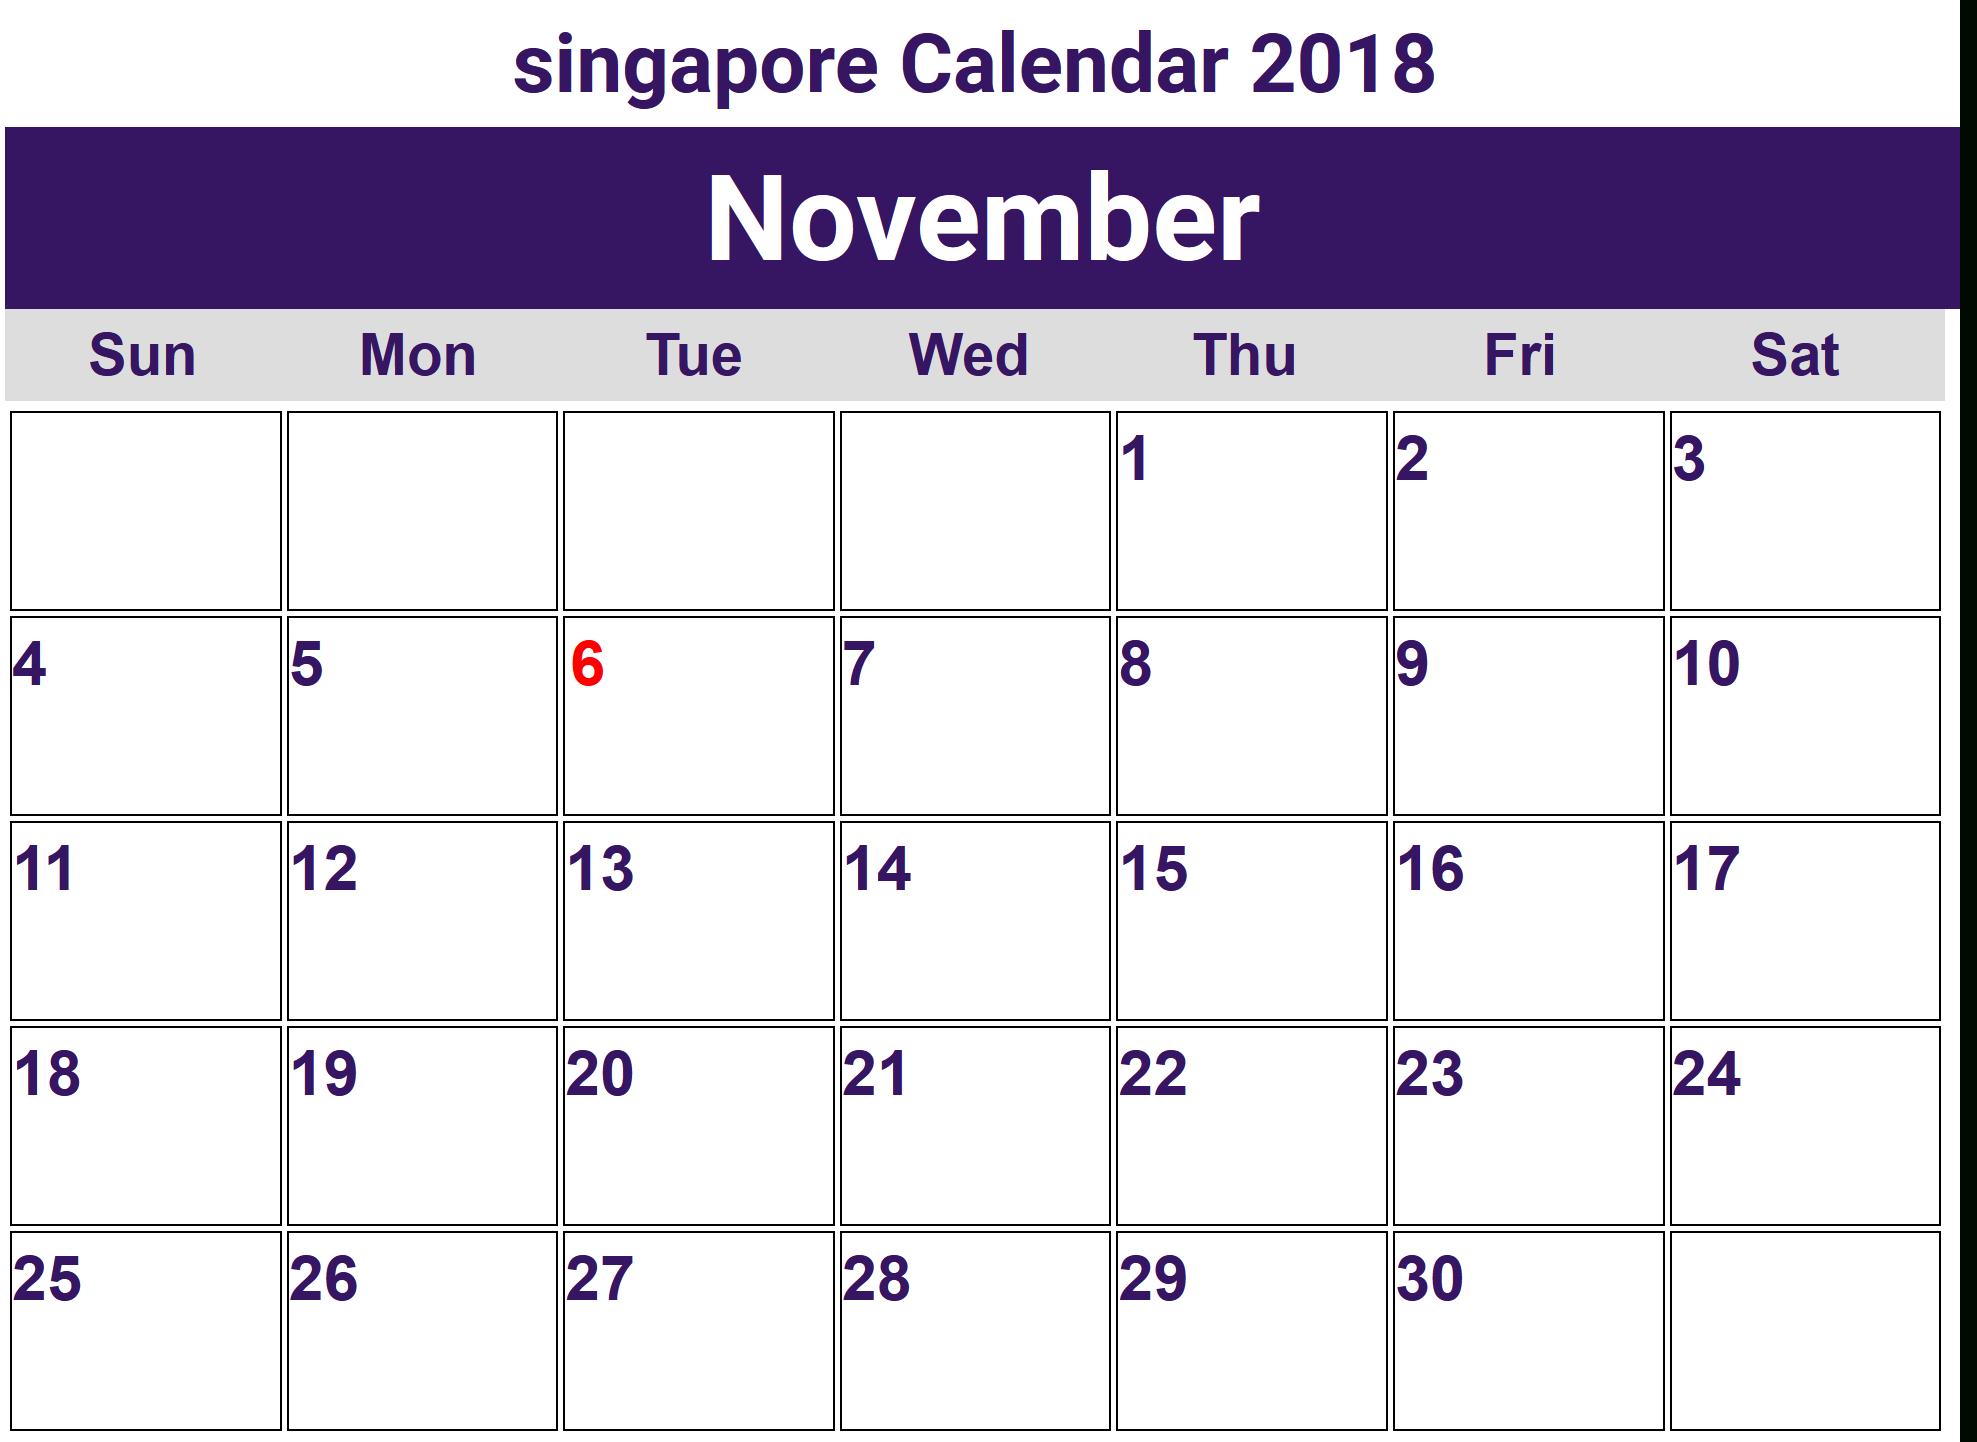 November 2018 Calendar Singapore Holidays | 2018 Holiday